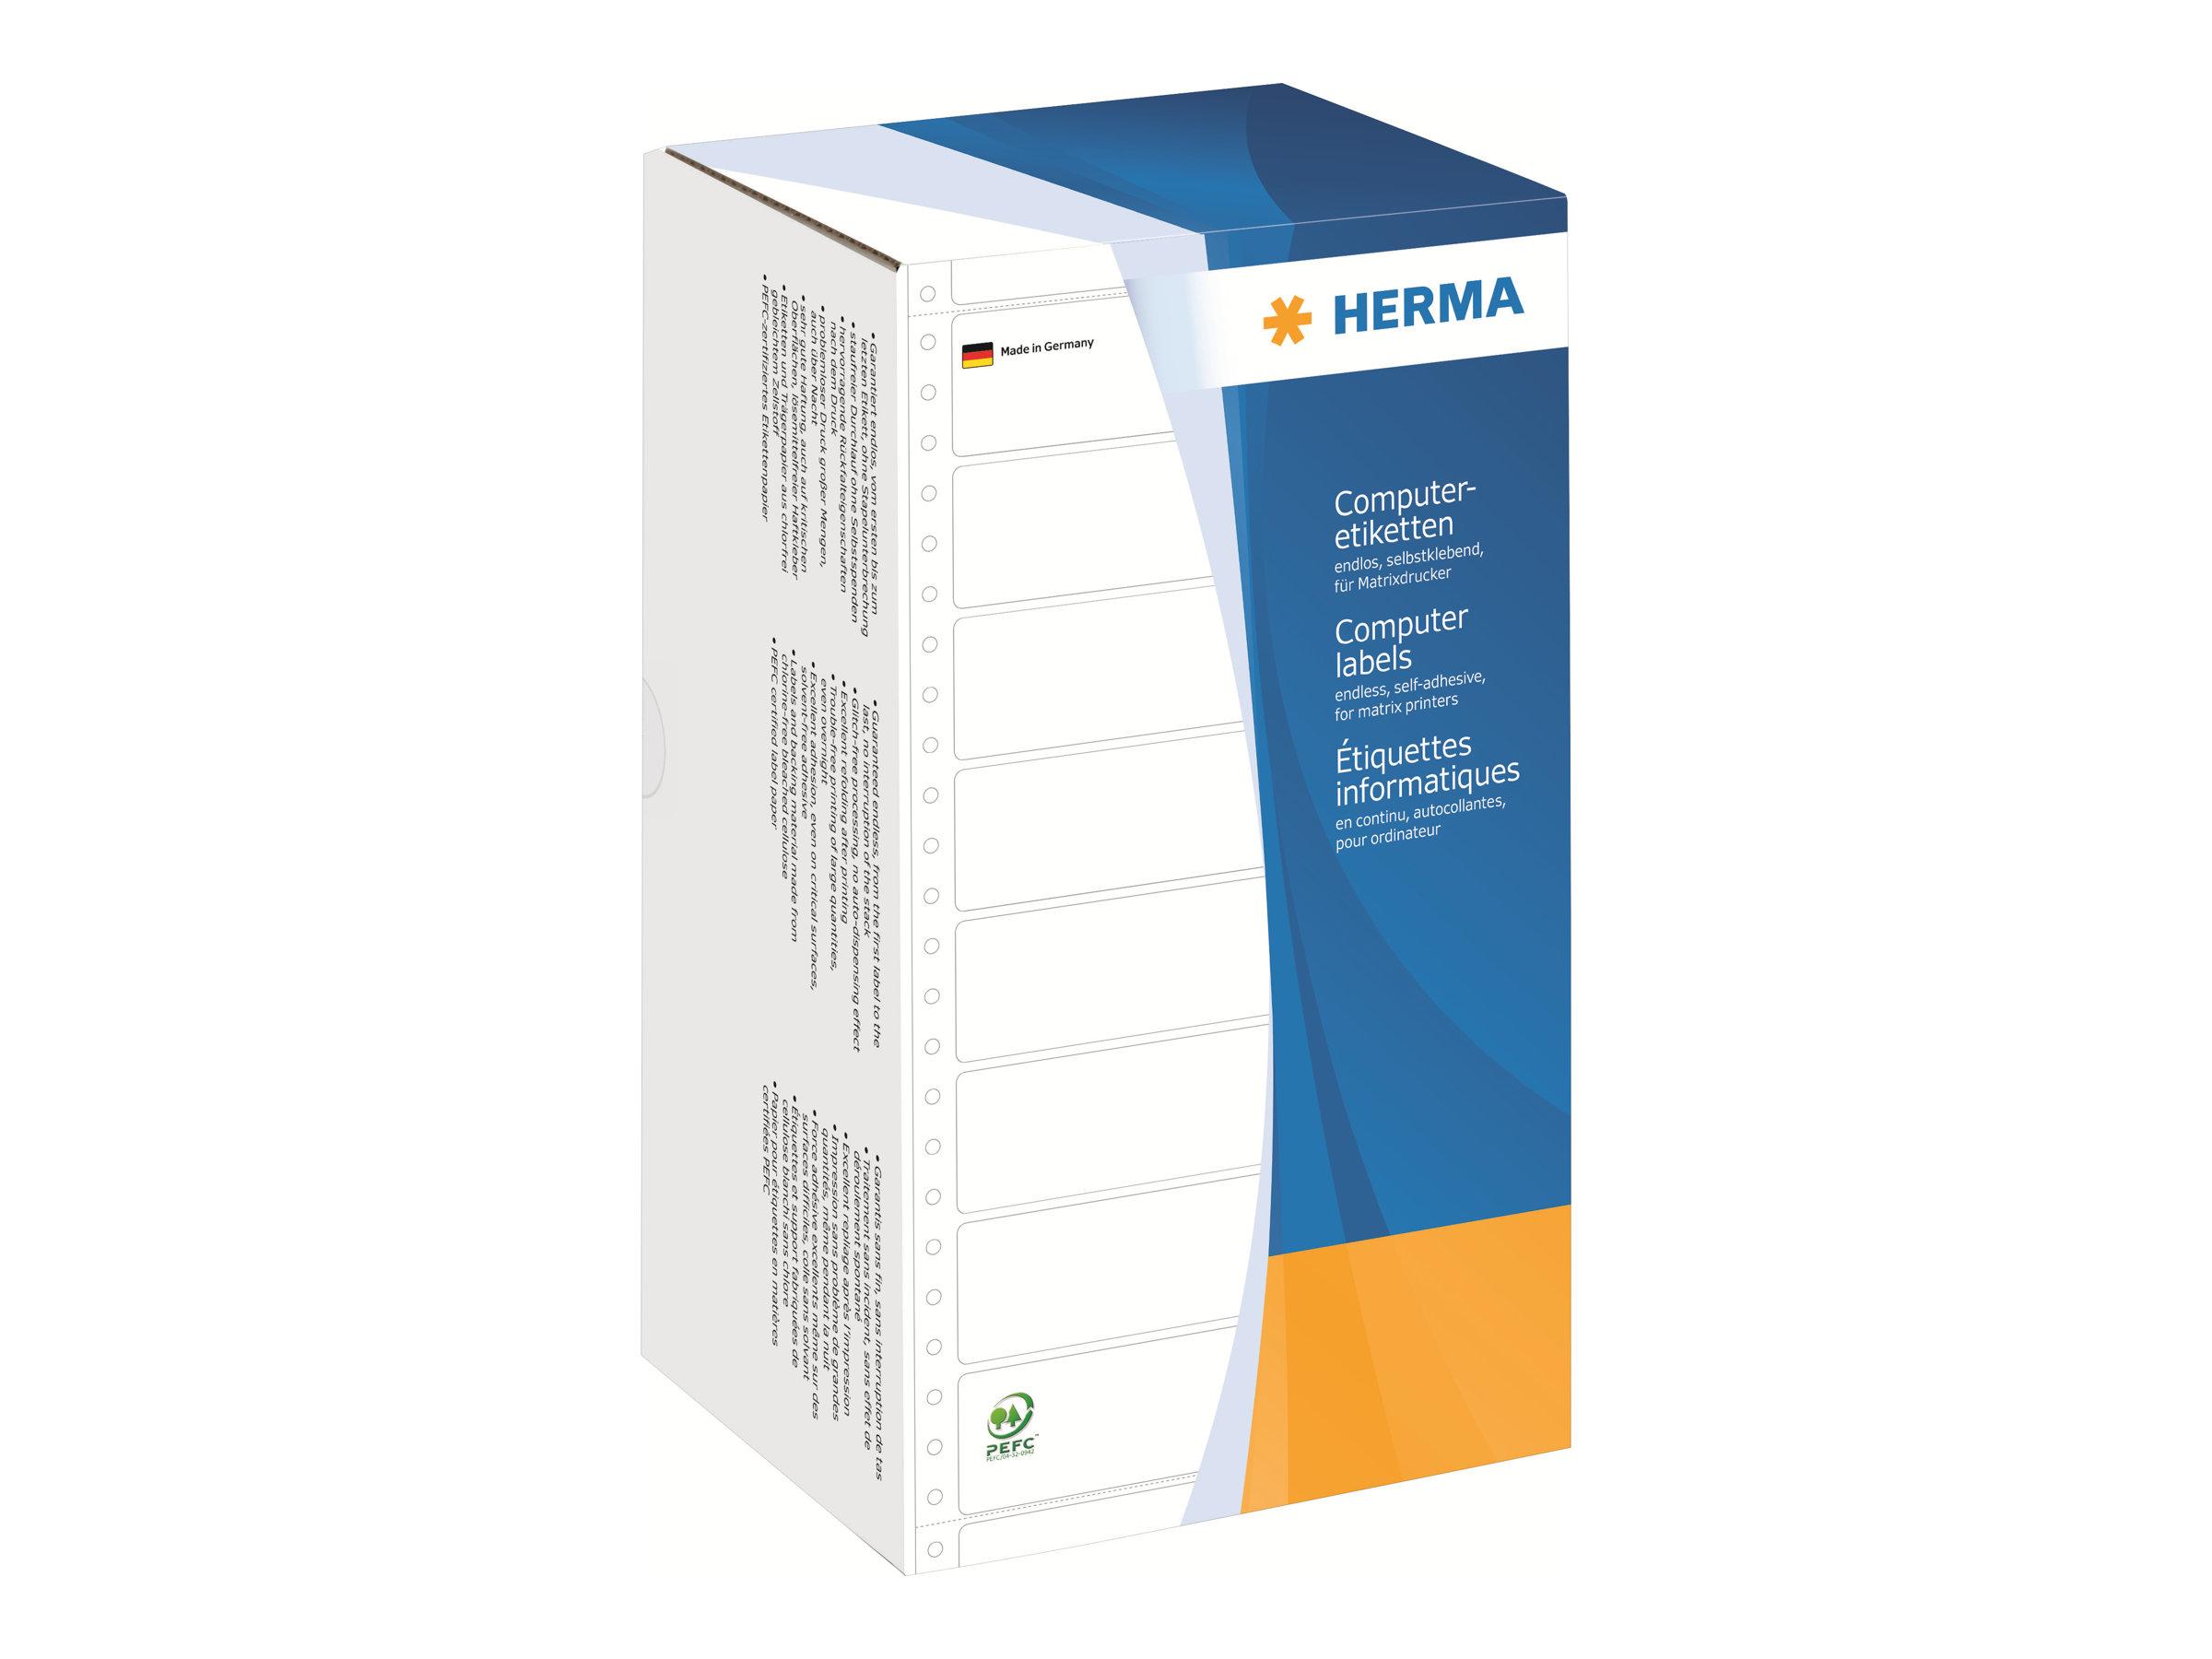 HERMA Computer labels - Papier